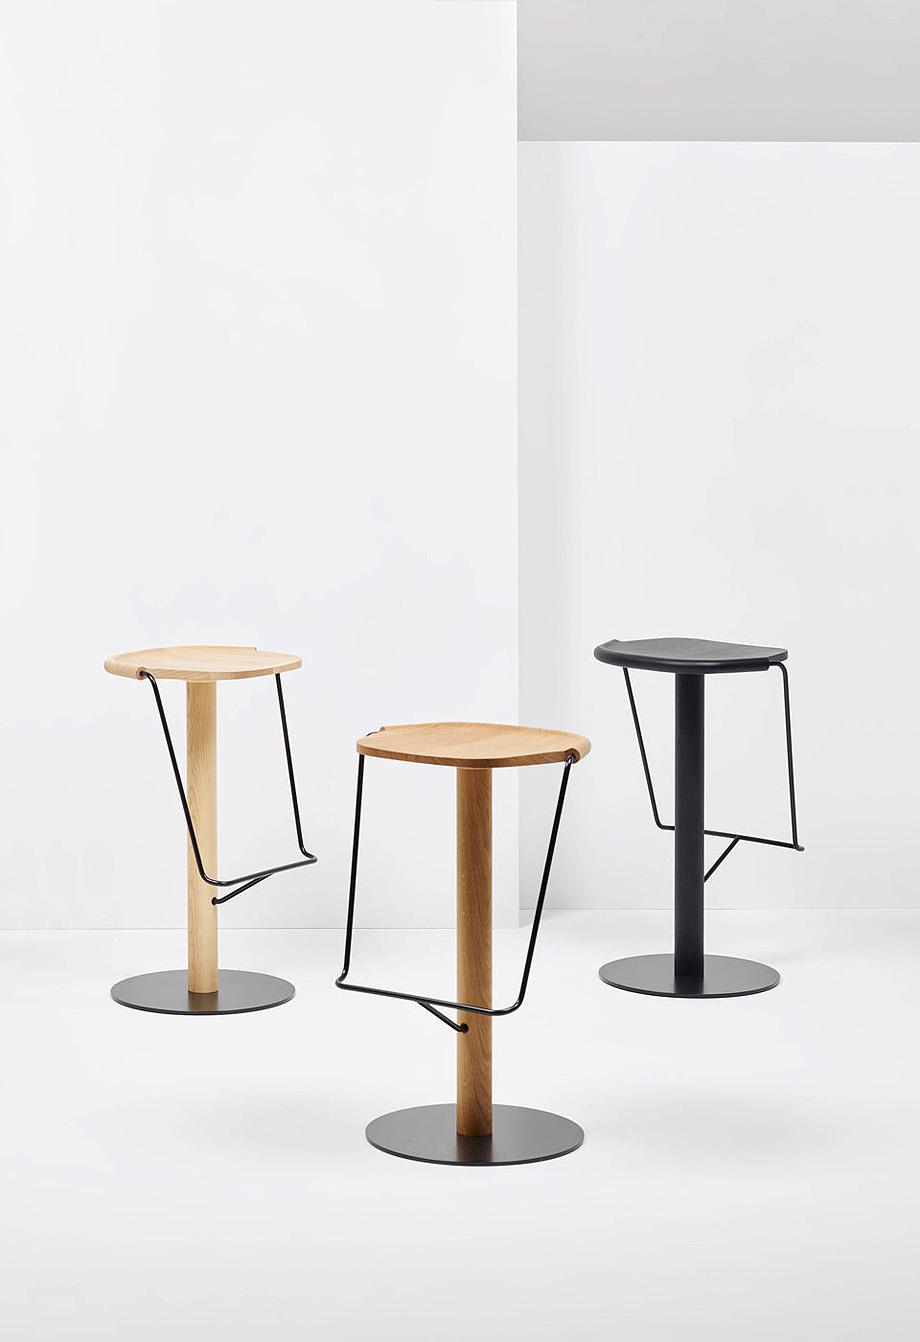 silla y taburete uncino de bouroullec y mattiazzi (6)